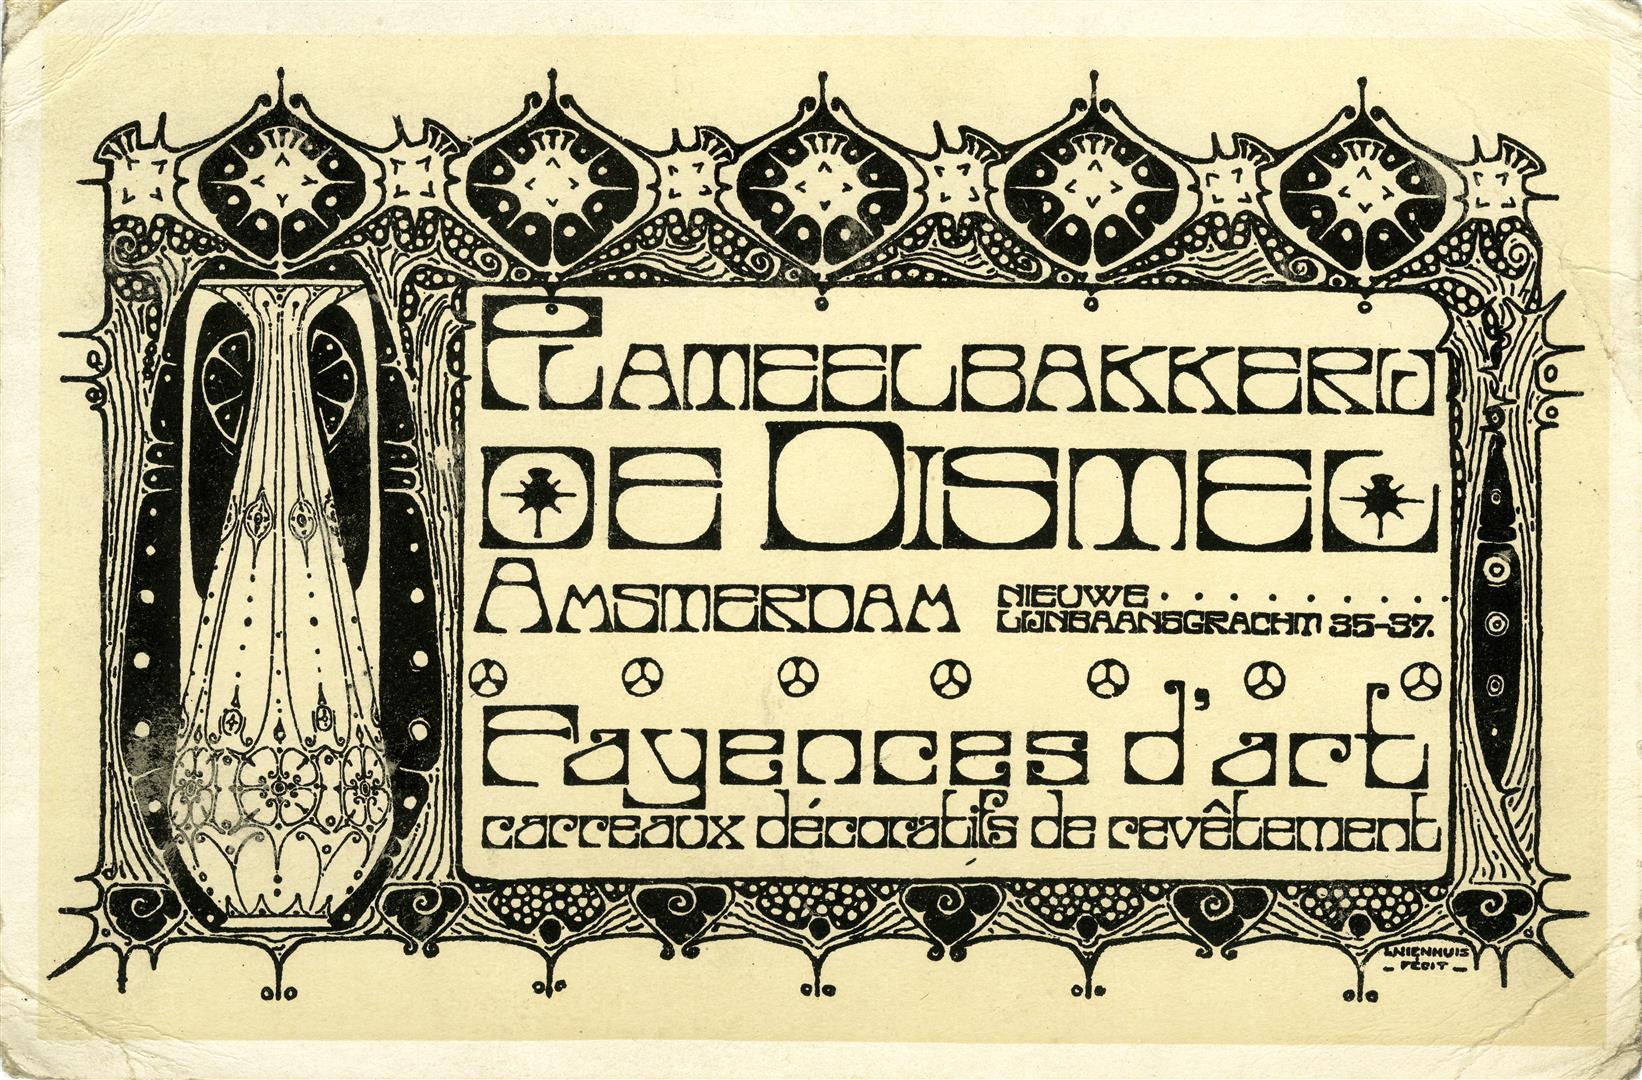 Reclamekaart van Plateelbakkerij De Distel, ontwerp: Bert Nienhuis (ca. 1900)